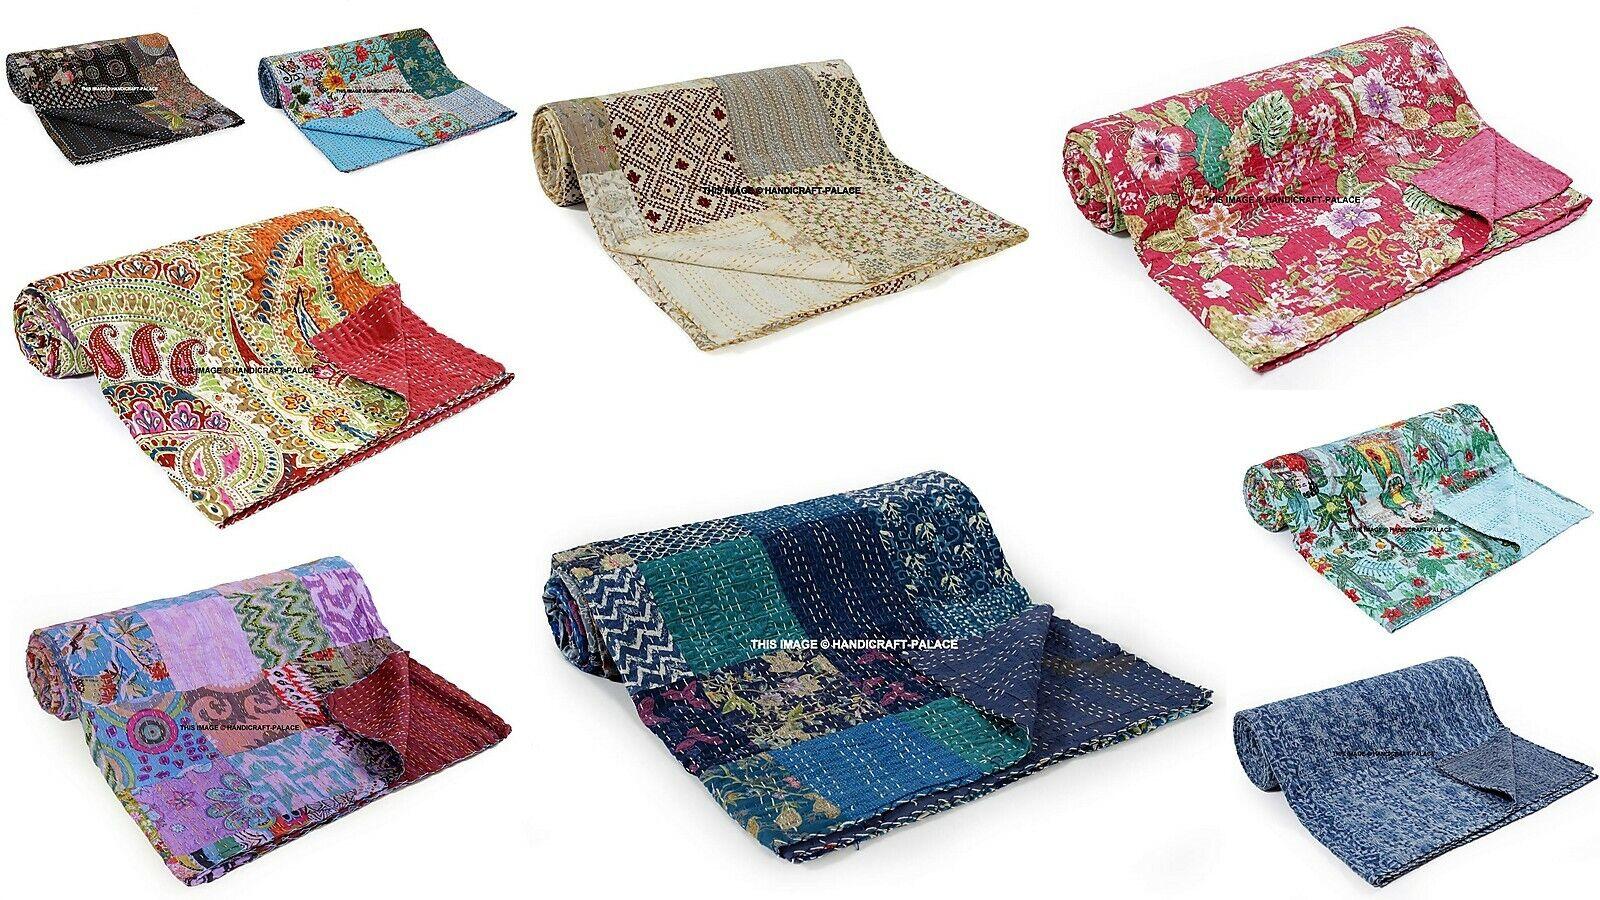 10 PC Lot Indian Kantha Quilt Bedspread Cotton Blanket Queen Größe Bedding Throw